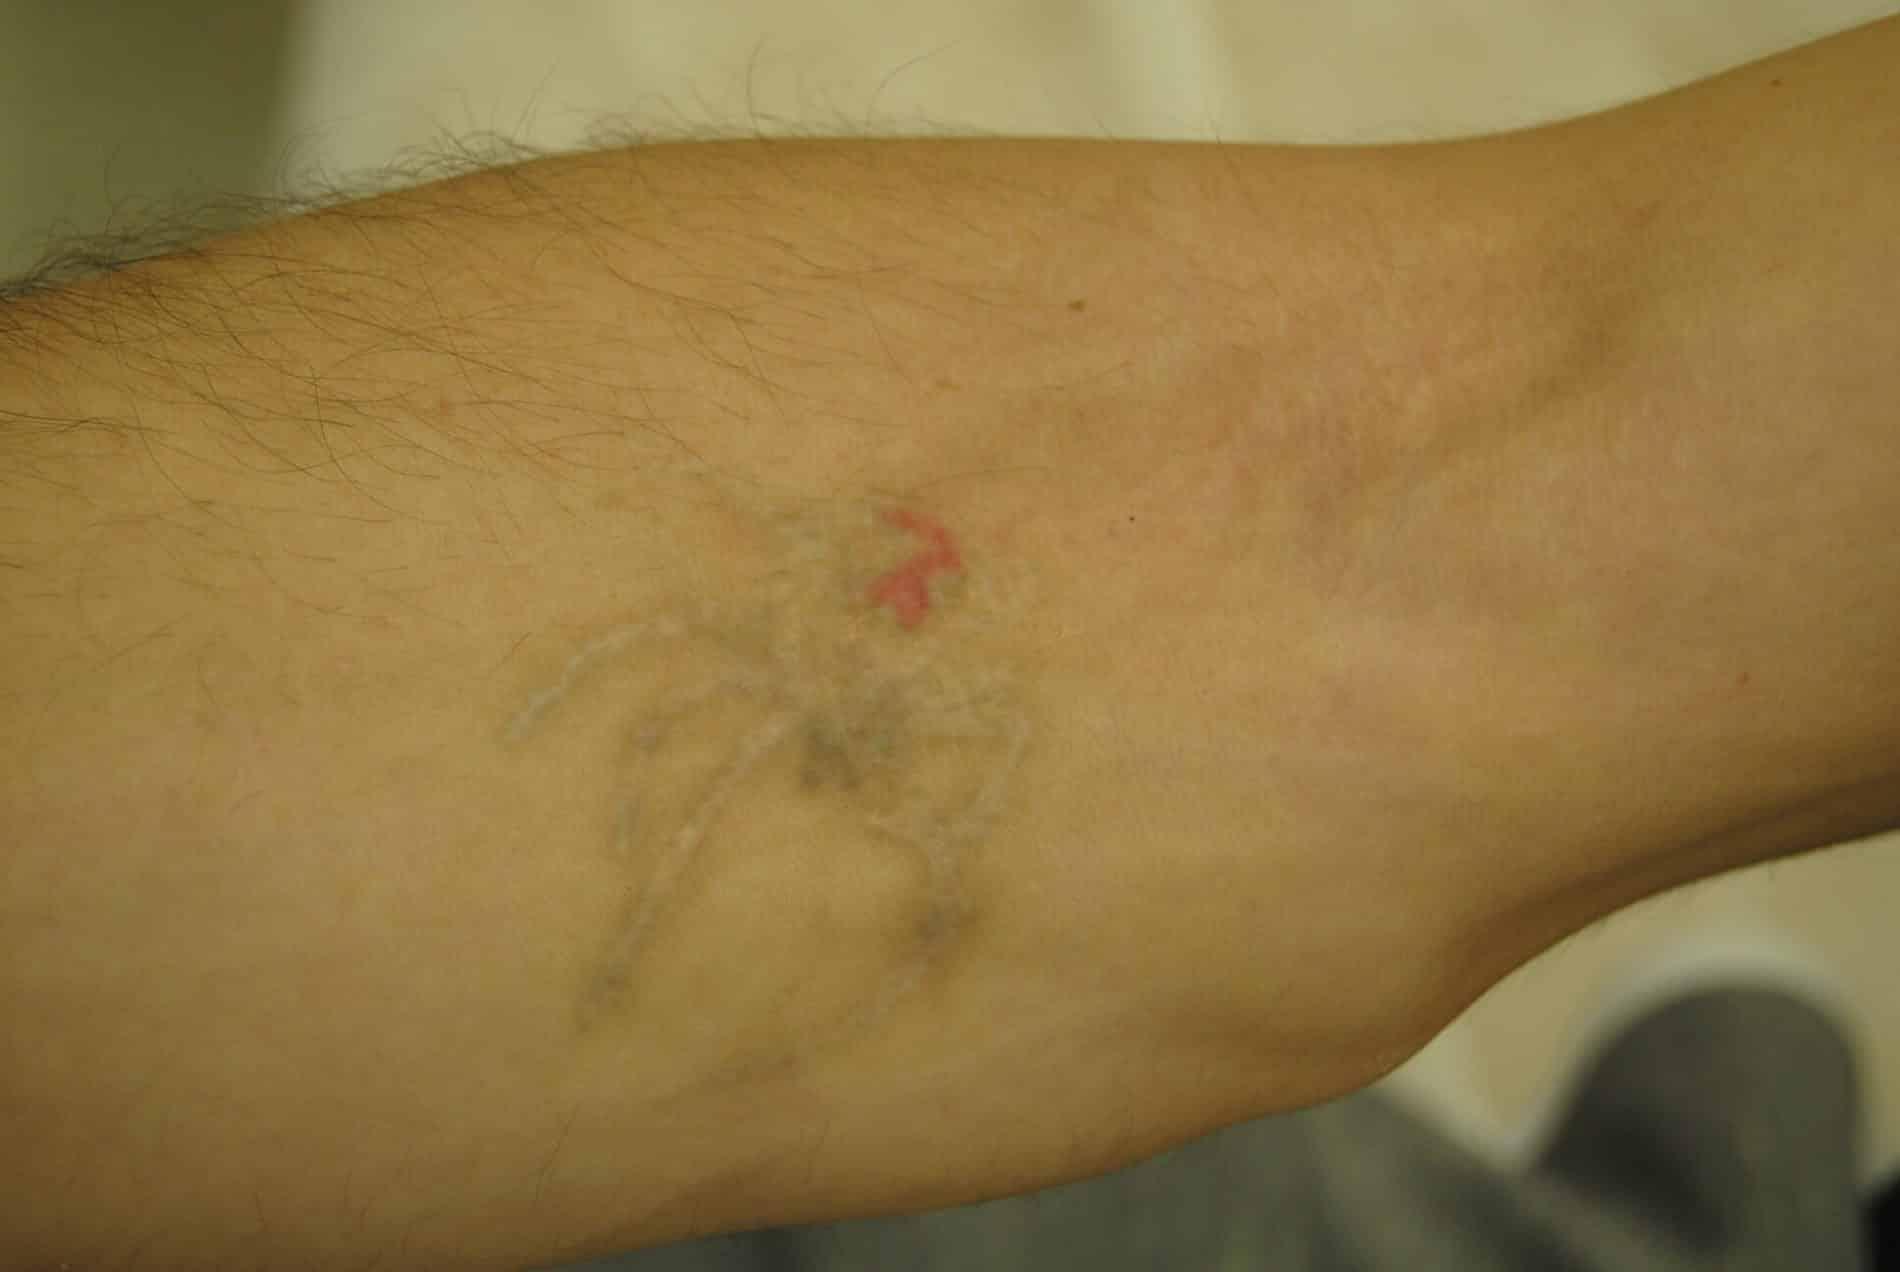 הסרת קעקוע בזרוע